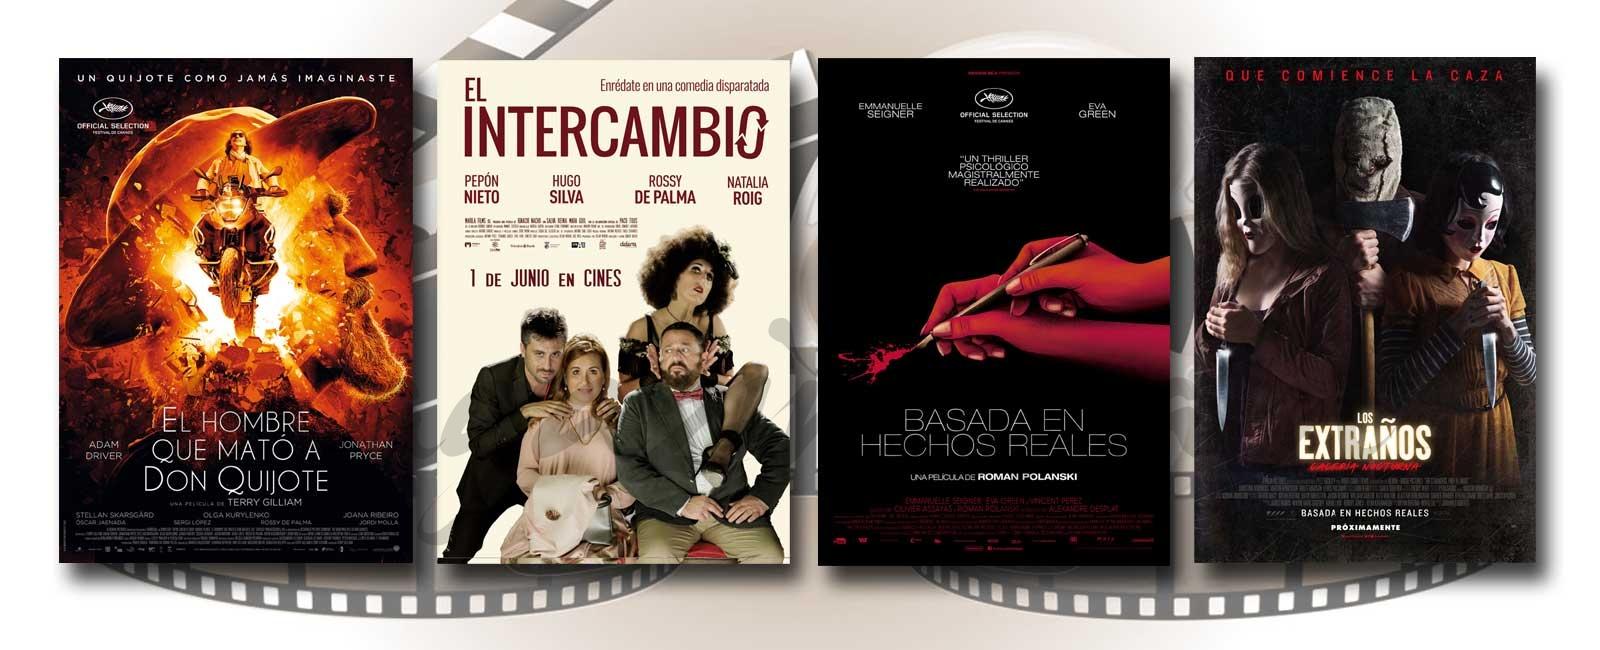 Estrenos de Cine de la Semana… 1 de Junio 2018